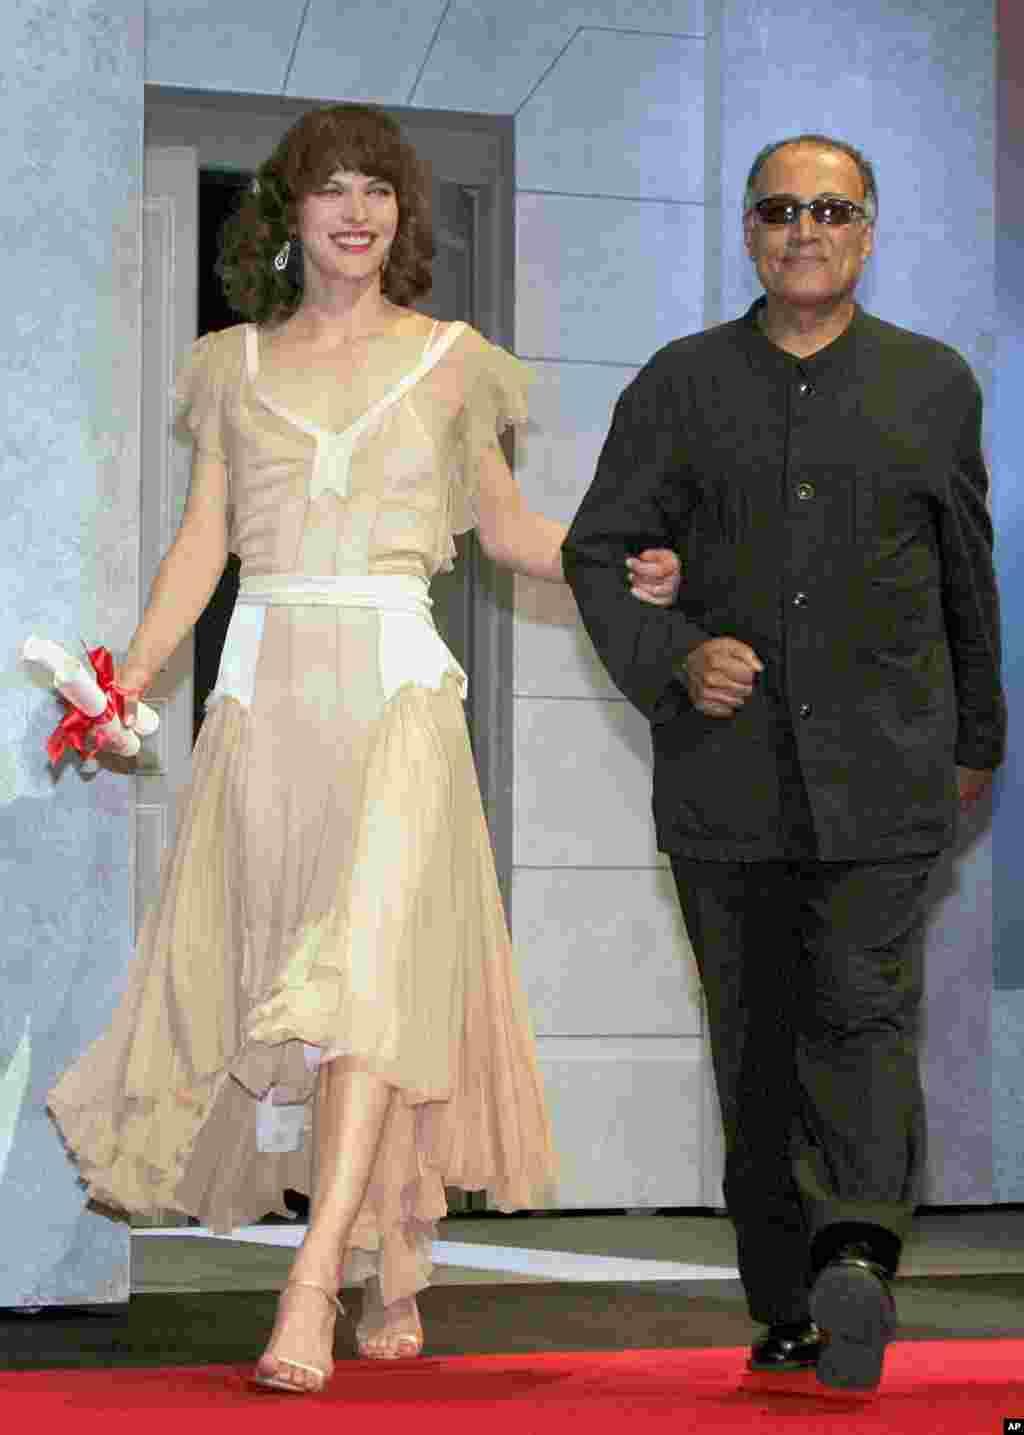 کیارستمی در کنار میلا جوویچ بازیگر آمریکایی، جشنواره کن سال ۲۰۰۵.